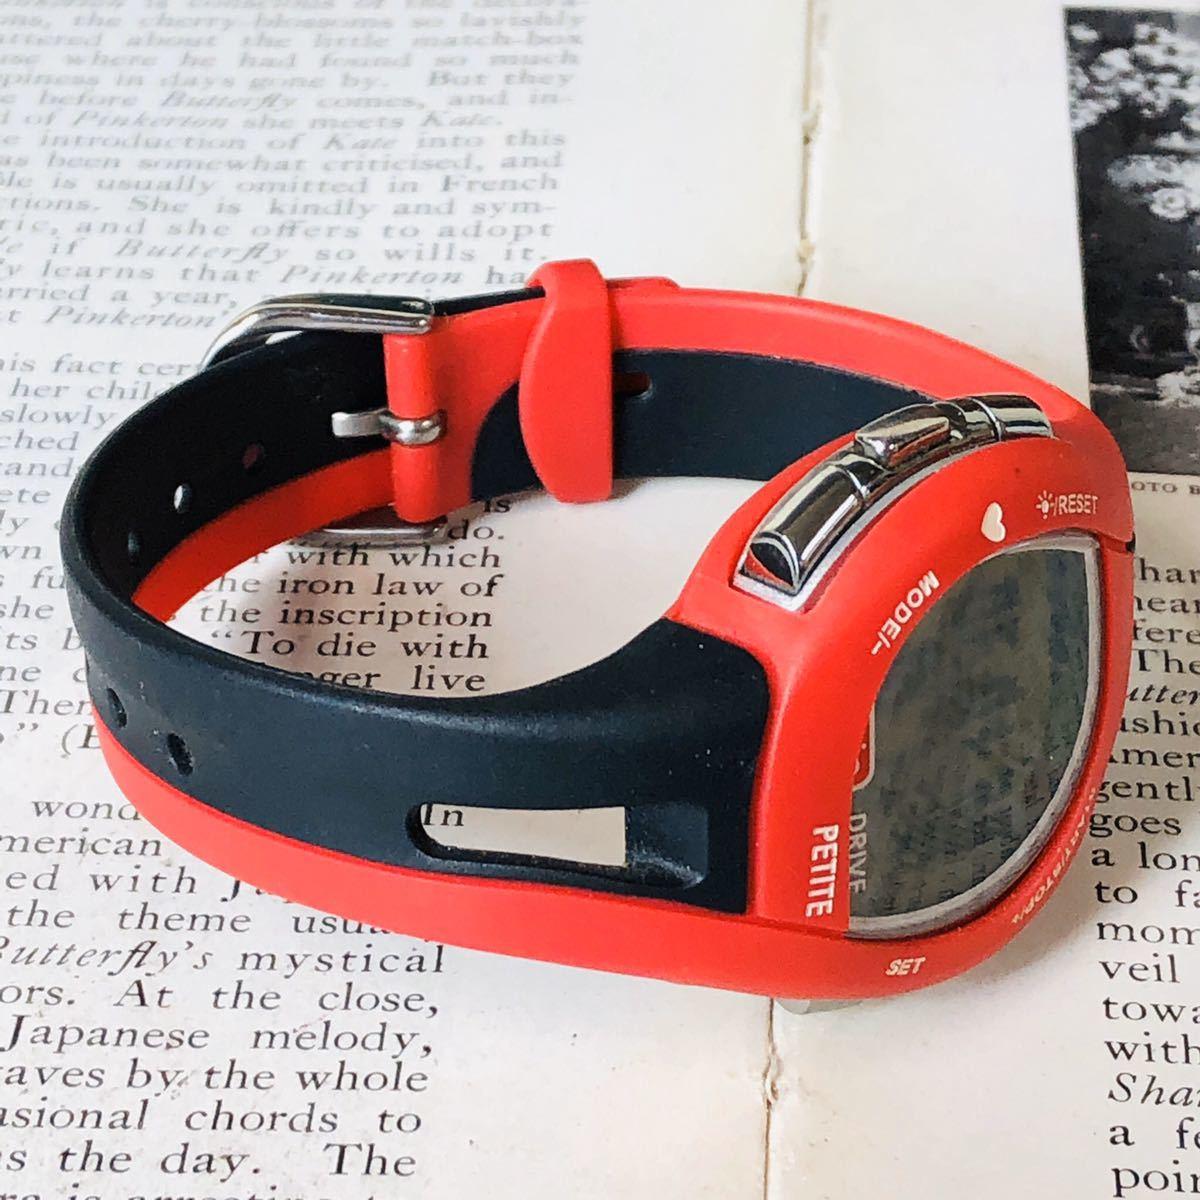 mio ミオ 腕時計 ブラック レッド DRIVE 心拍計 デジタル 稼動品 W1028_画像5